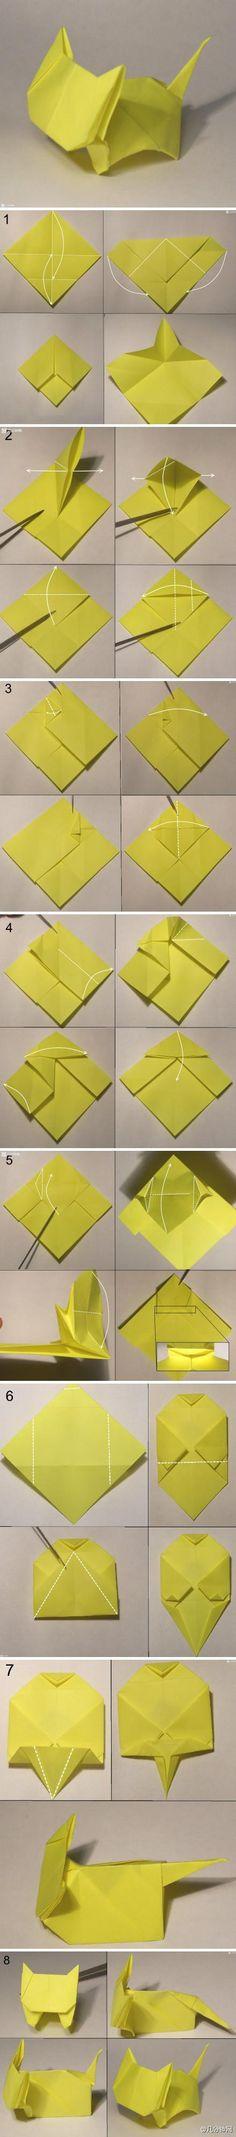 #折纸教程# 可爱小猫折纸